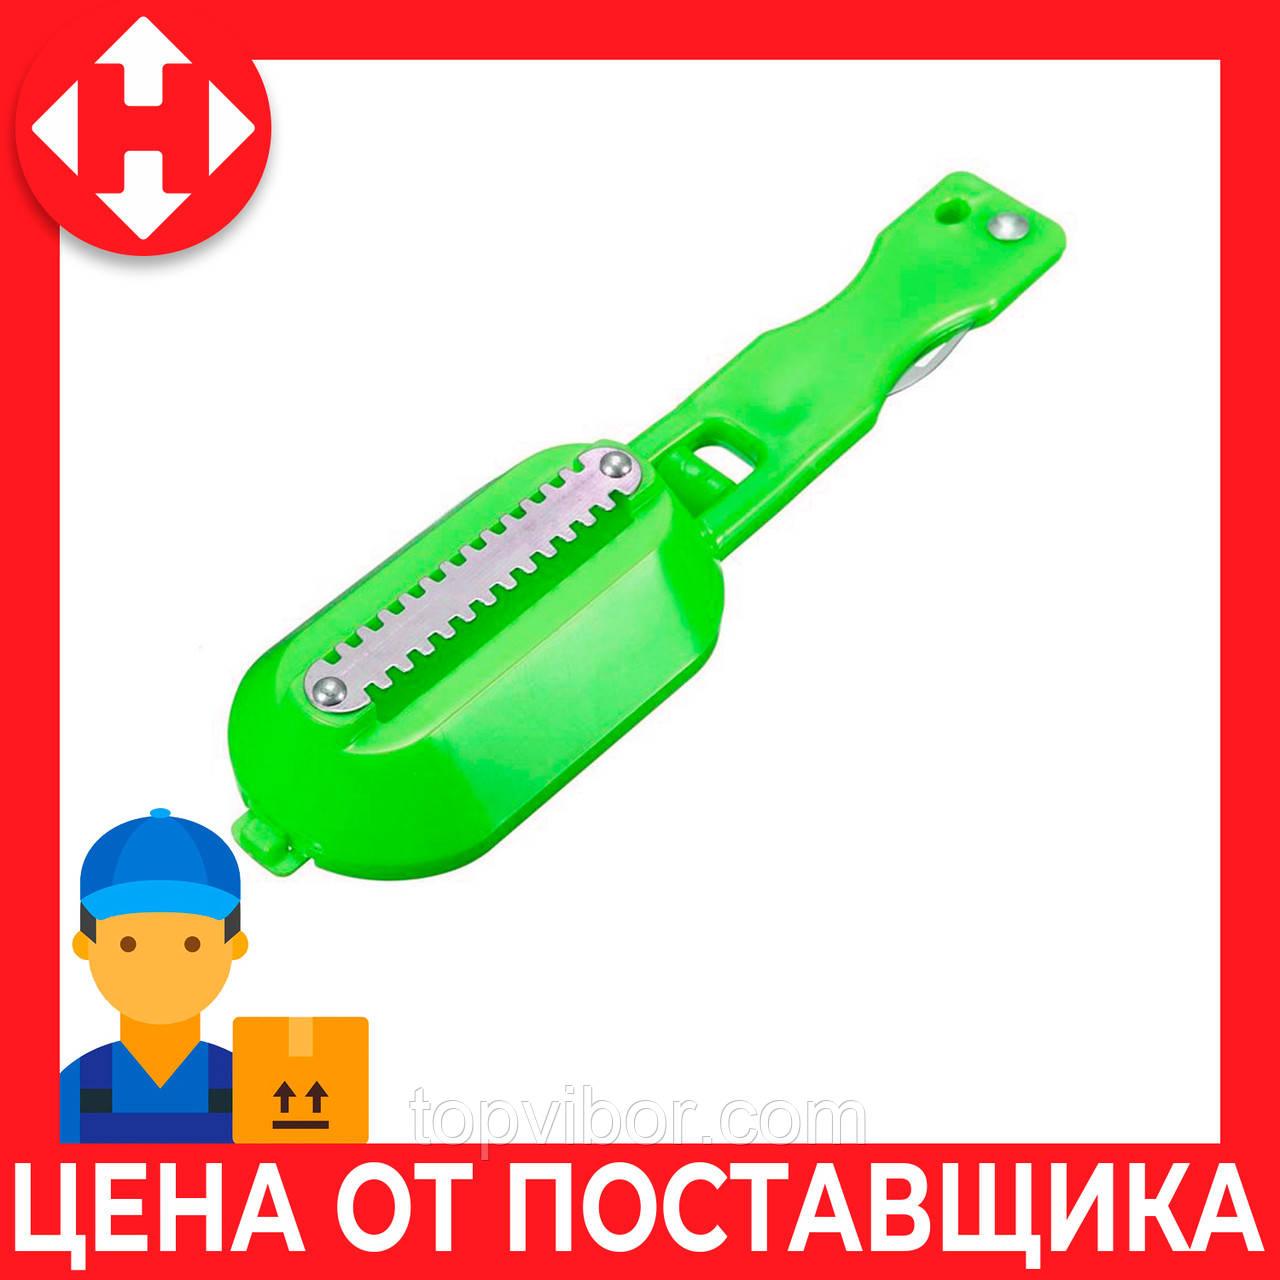 Распродажа! Скребок для чистки чешуи Fish Sharpener зеленая, ручной нож с контейнером для чистки рыбы